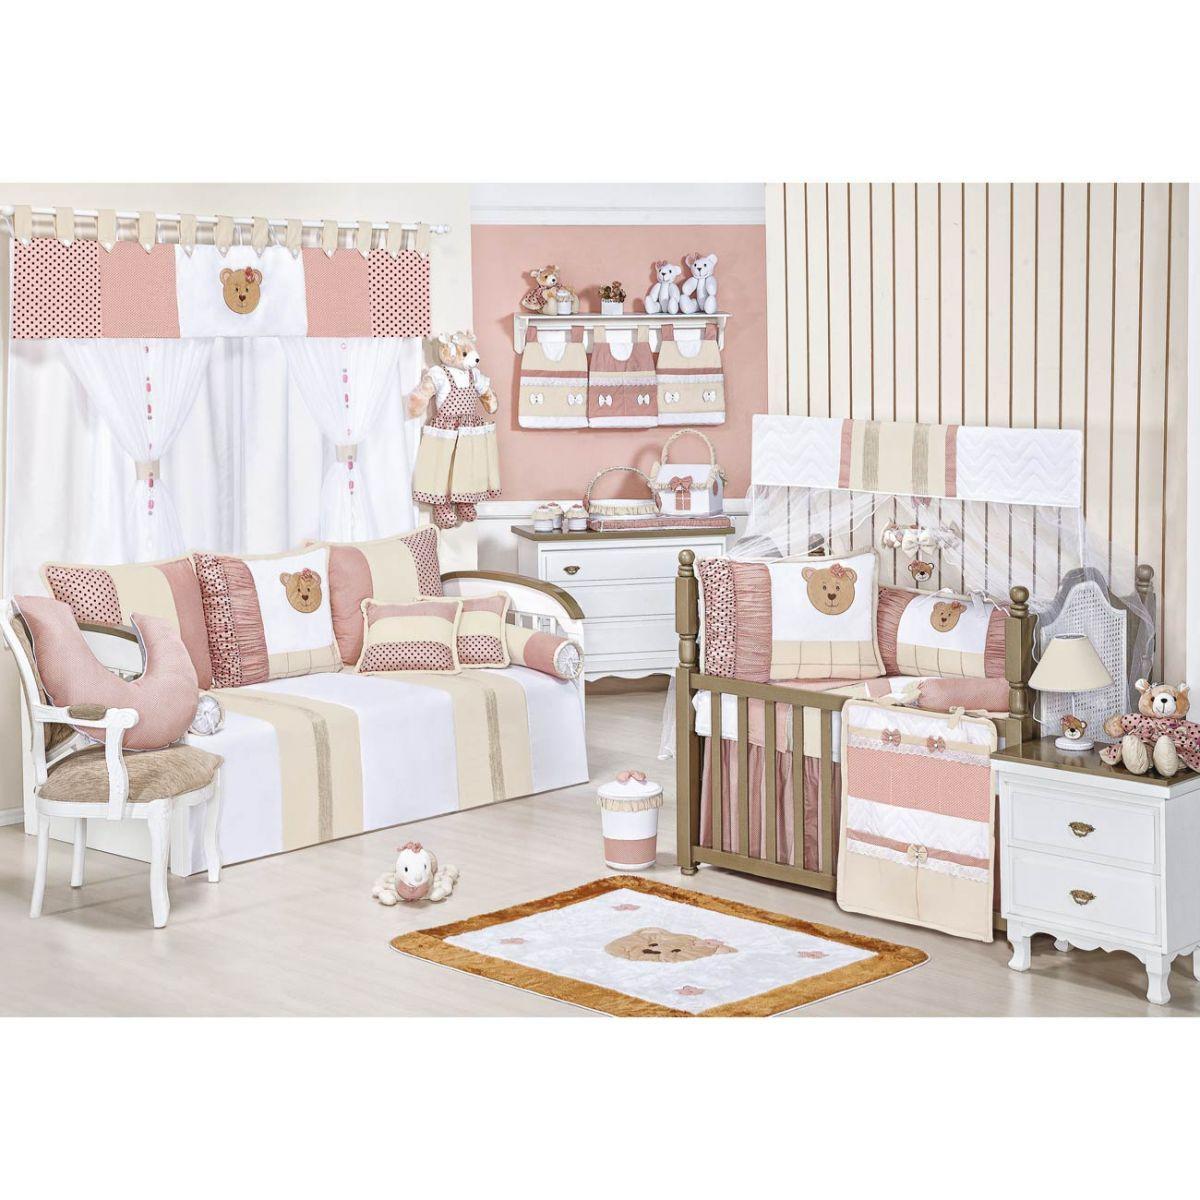 Centopéia decorativa para Quarto Bebê - Coleção Aurora